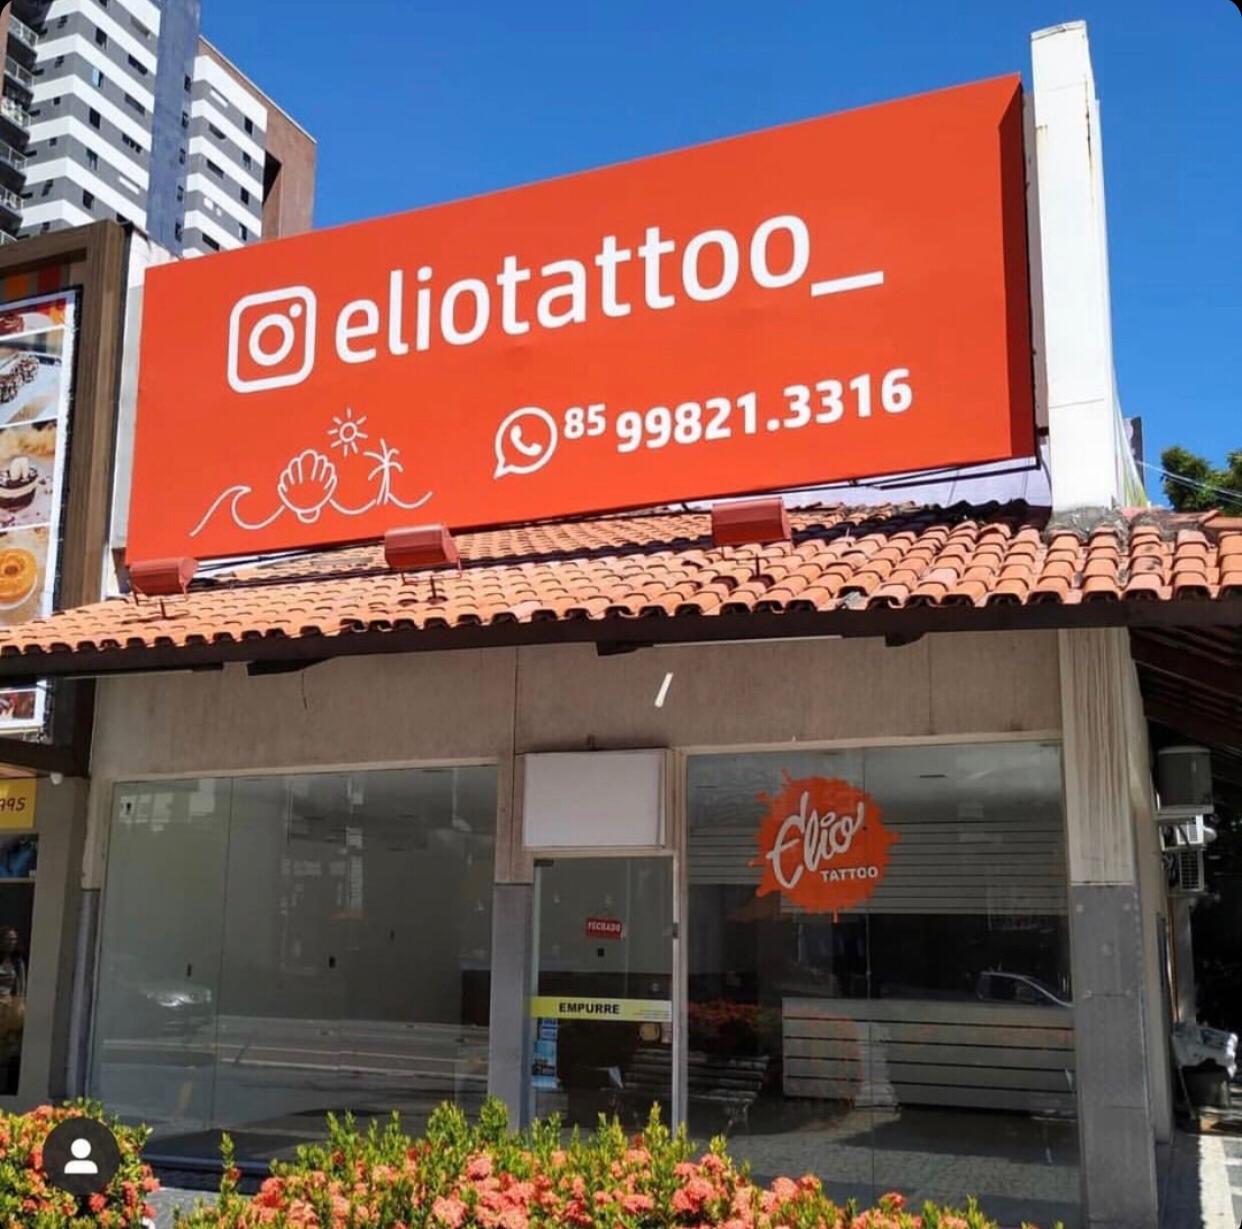 Sonhando fazer aquela tatuagem? Tatuagem Minimalista de até 10cm  (3cm de altura por 10cm de comprimento) de R$200,00 por apenas R$89,90 no Elio Tattoo!